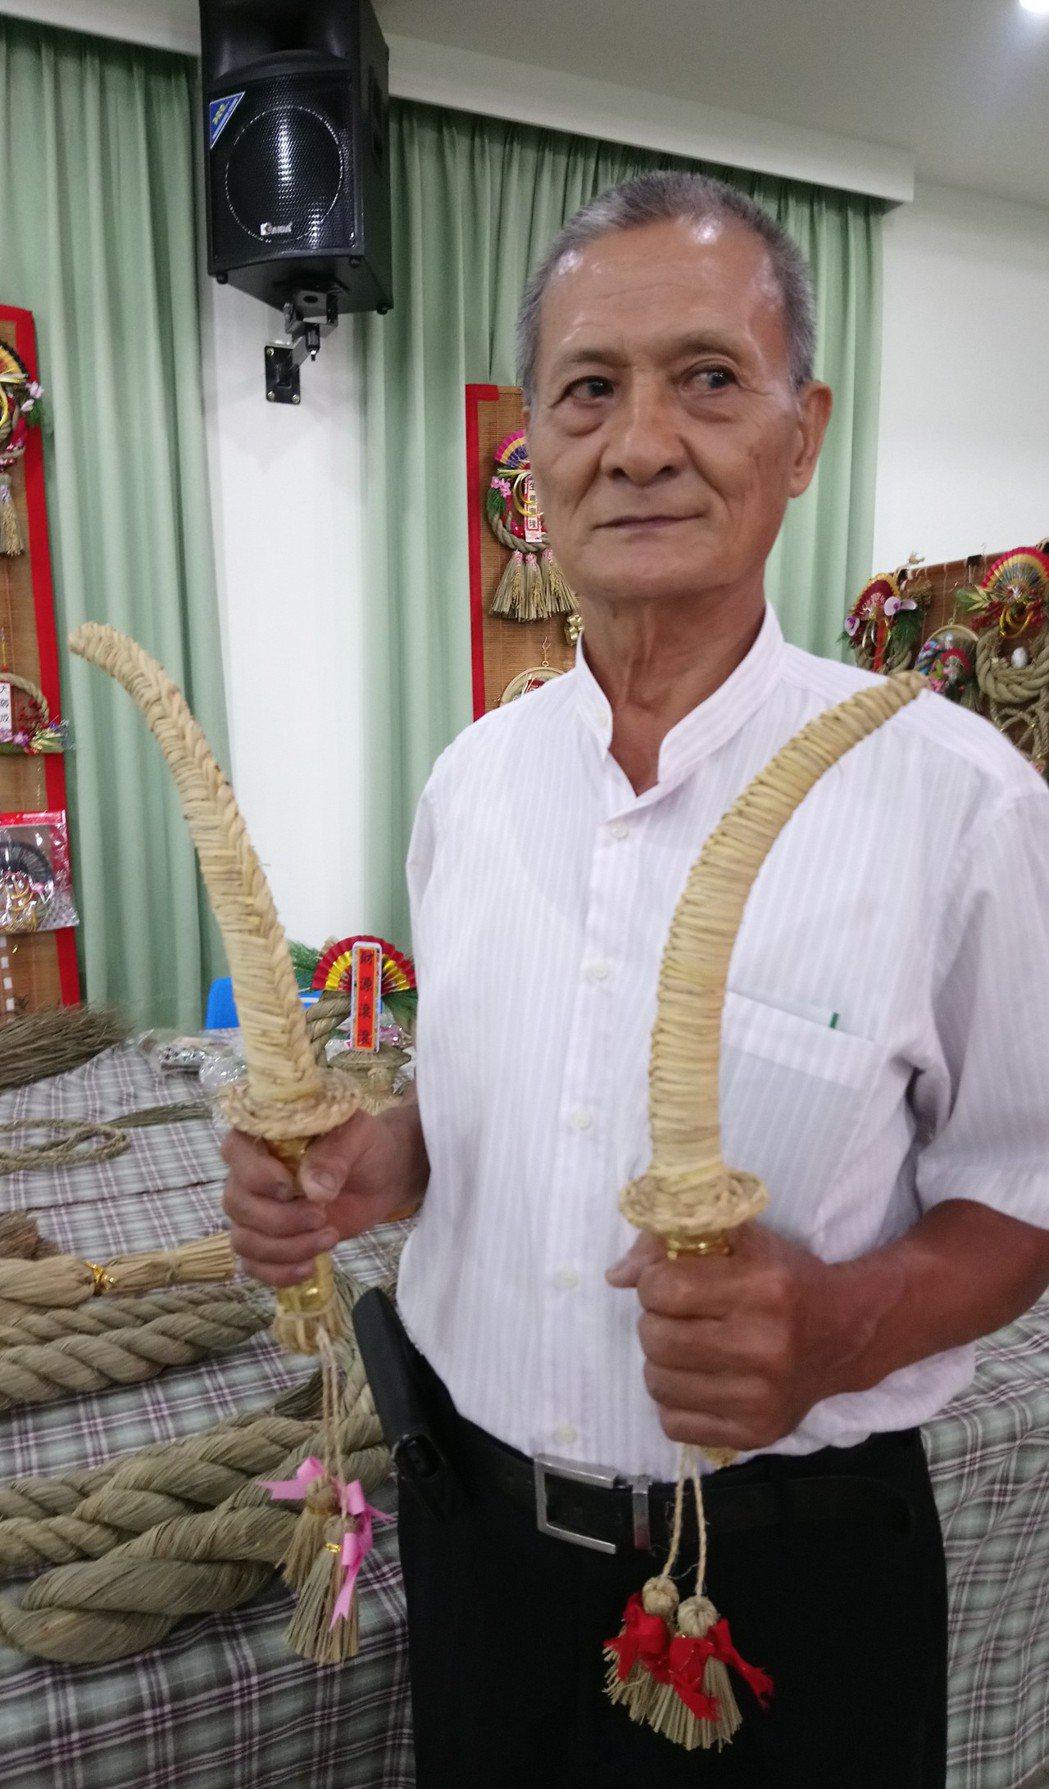 李龍說,稻草編製的彎刀是過去最好的童玩。記者卜敏正/攝影